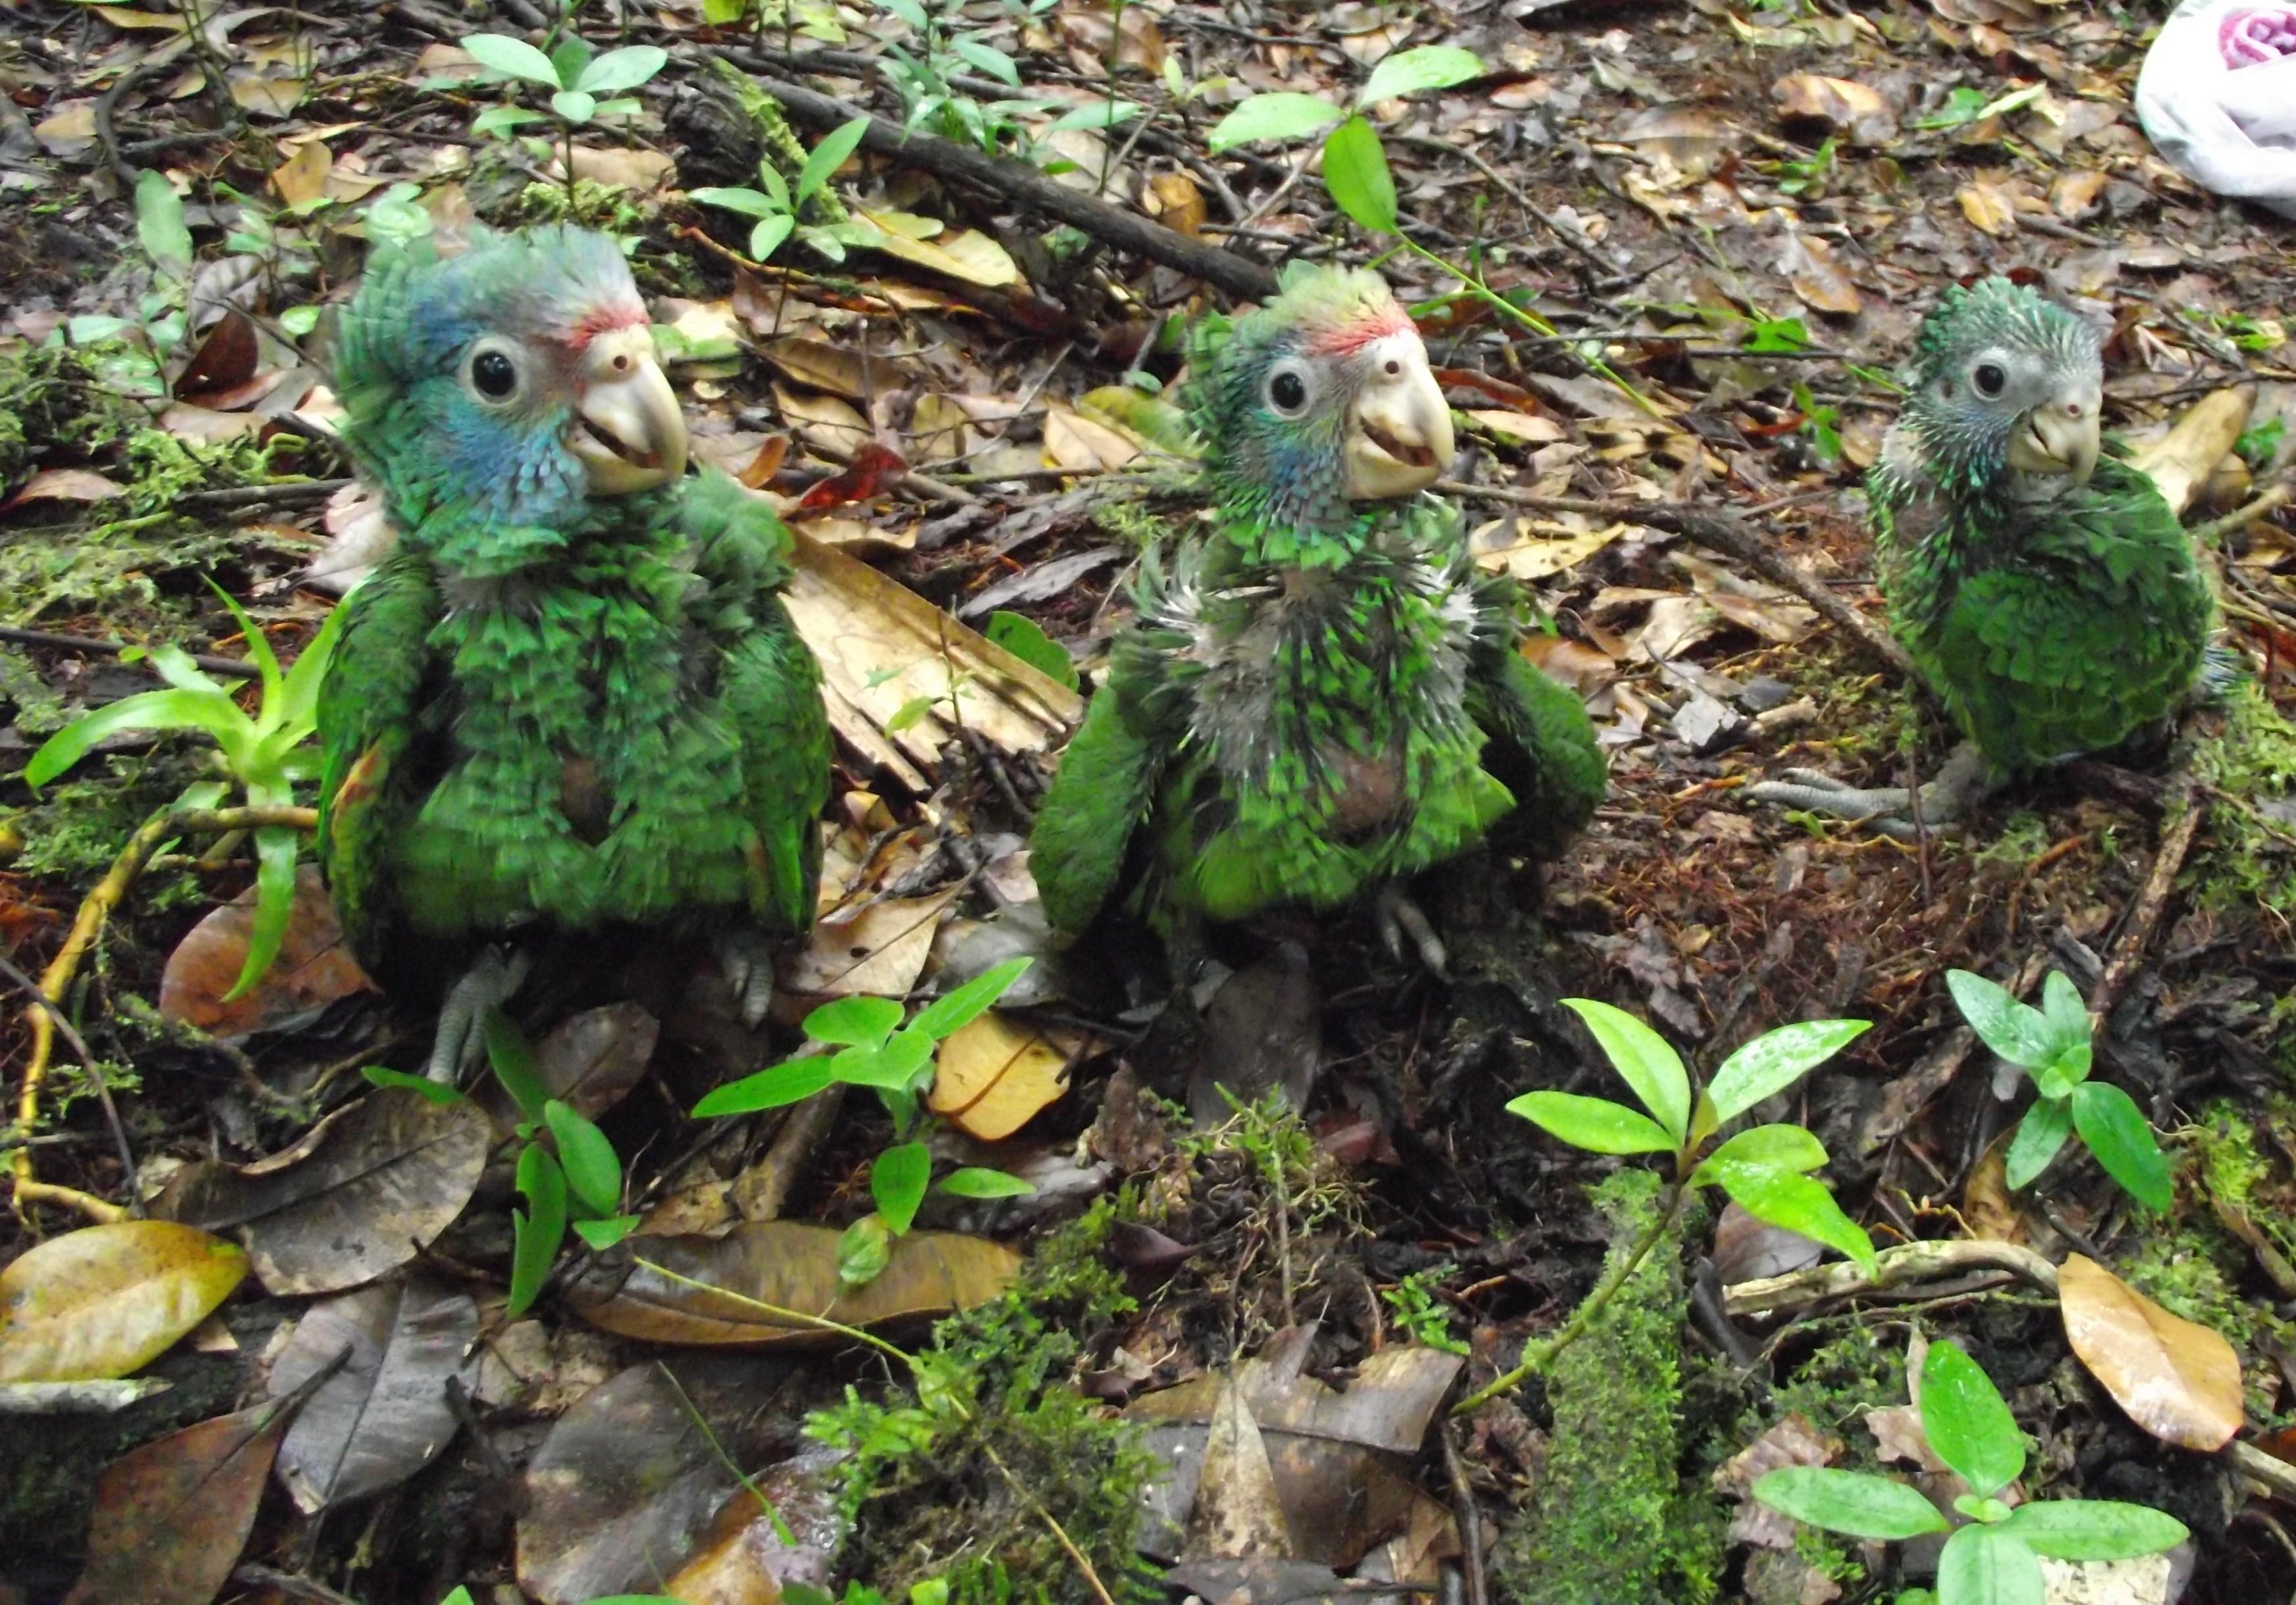 Projeto conta com vaquinha online para promover contagem de papagaios - Noticias